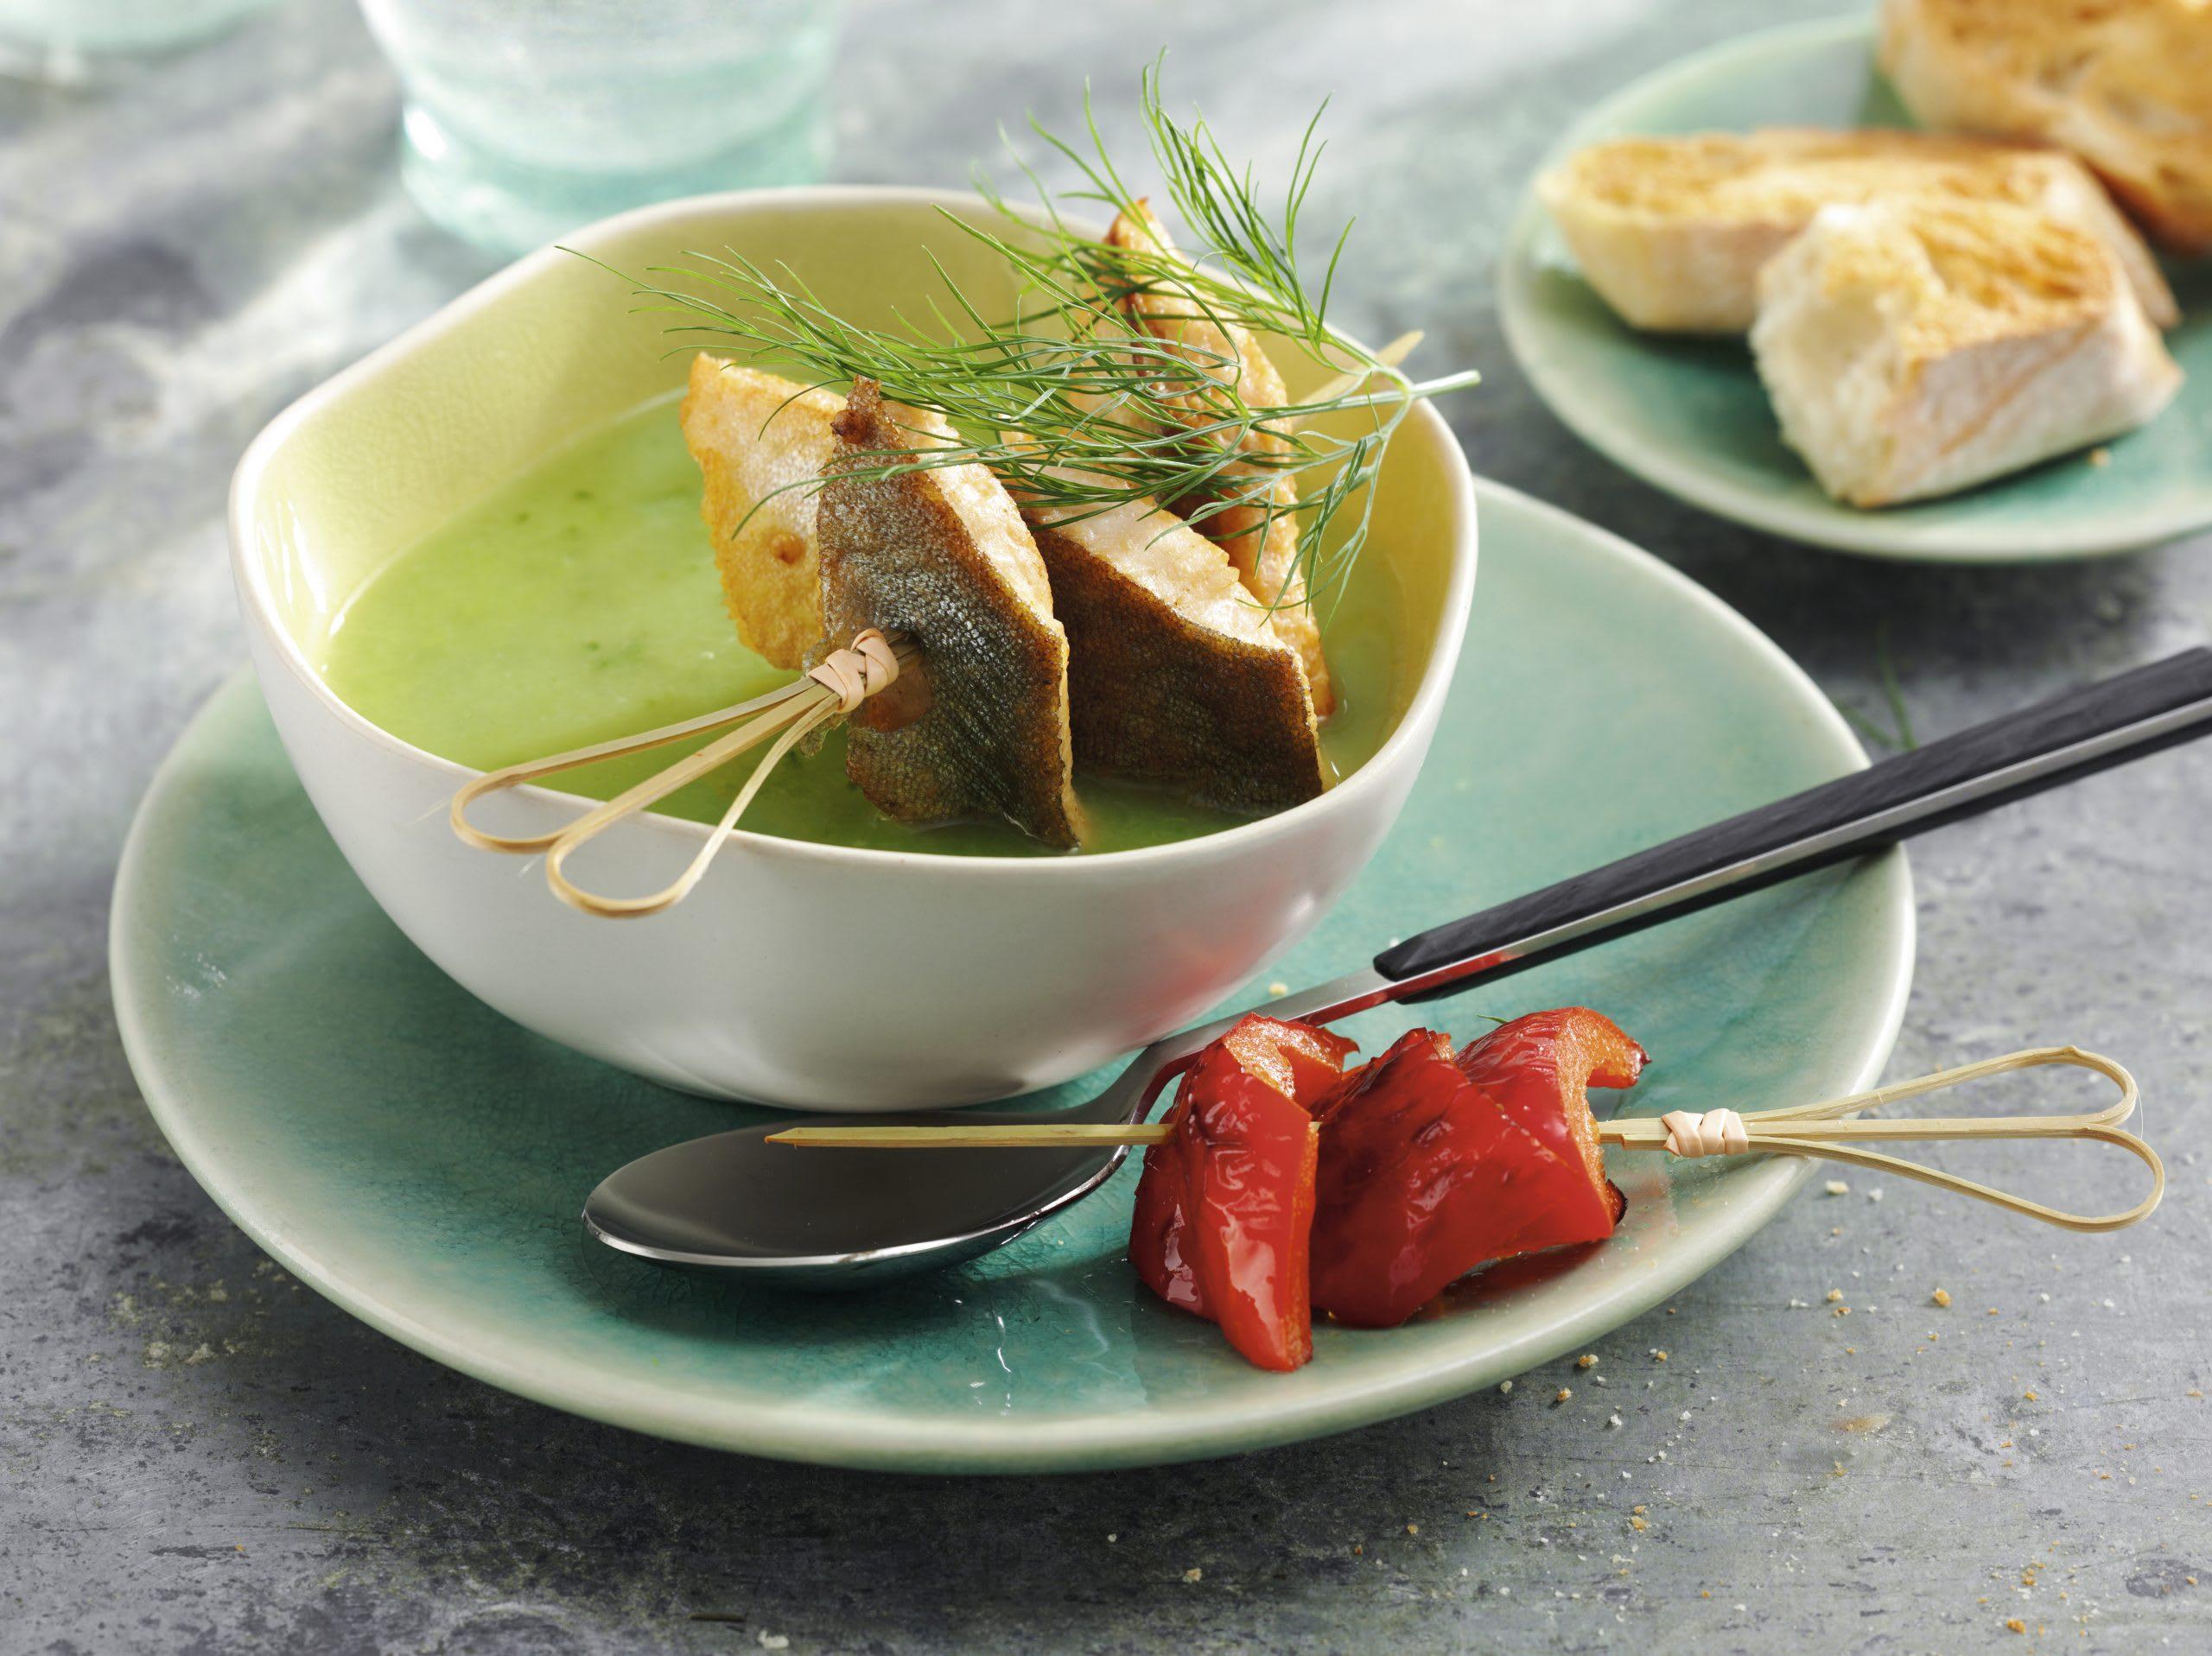 Gurken-Dill-Süppchen mit zwei Spiessli